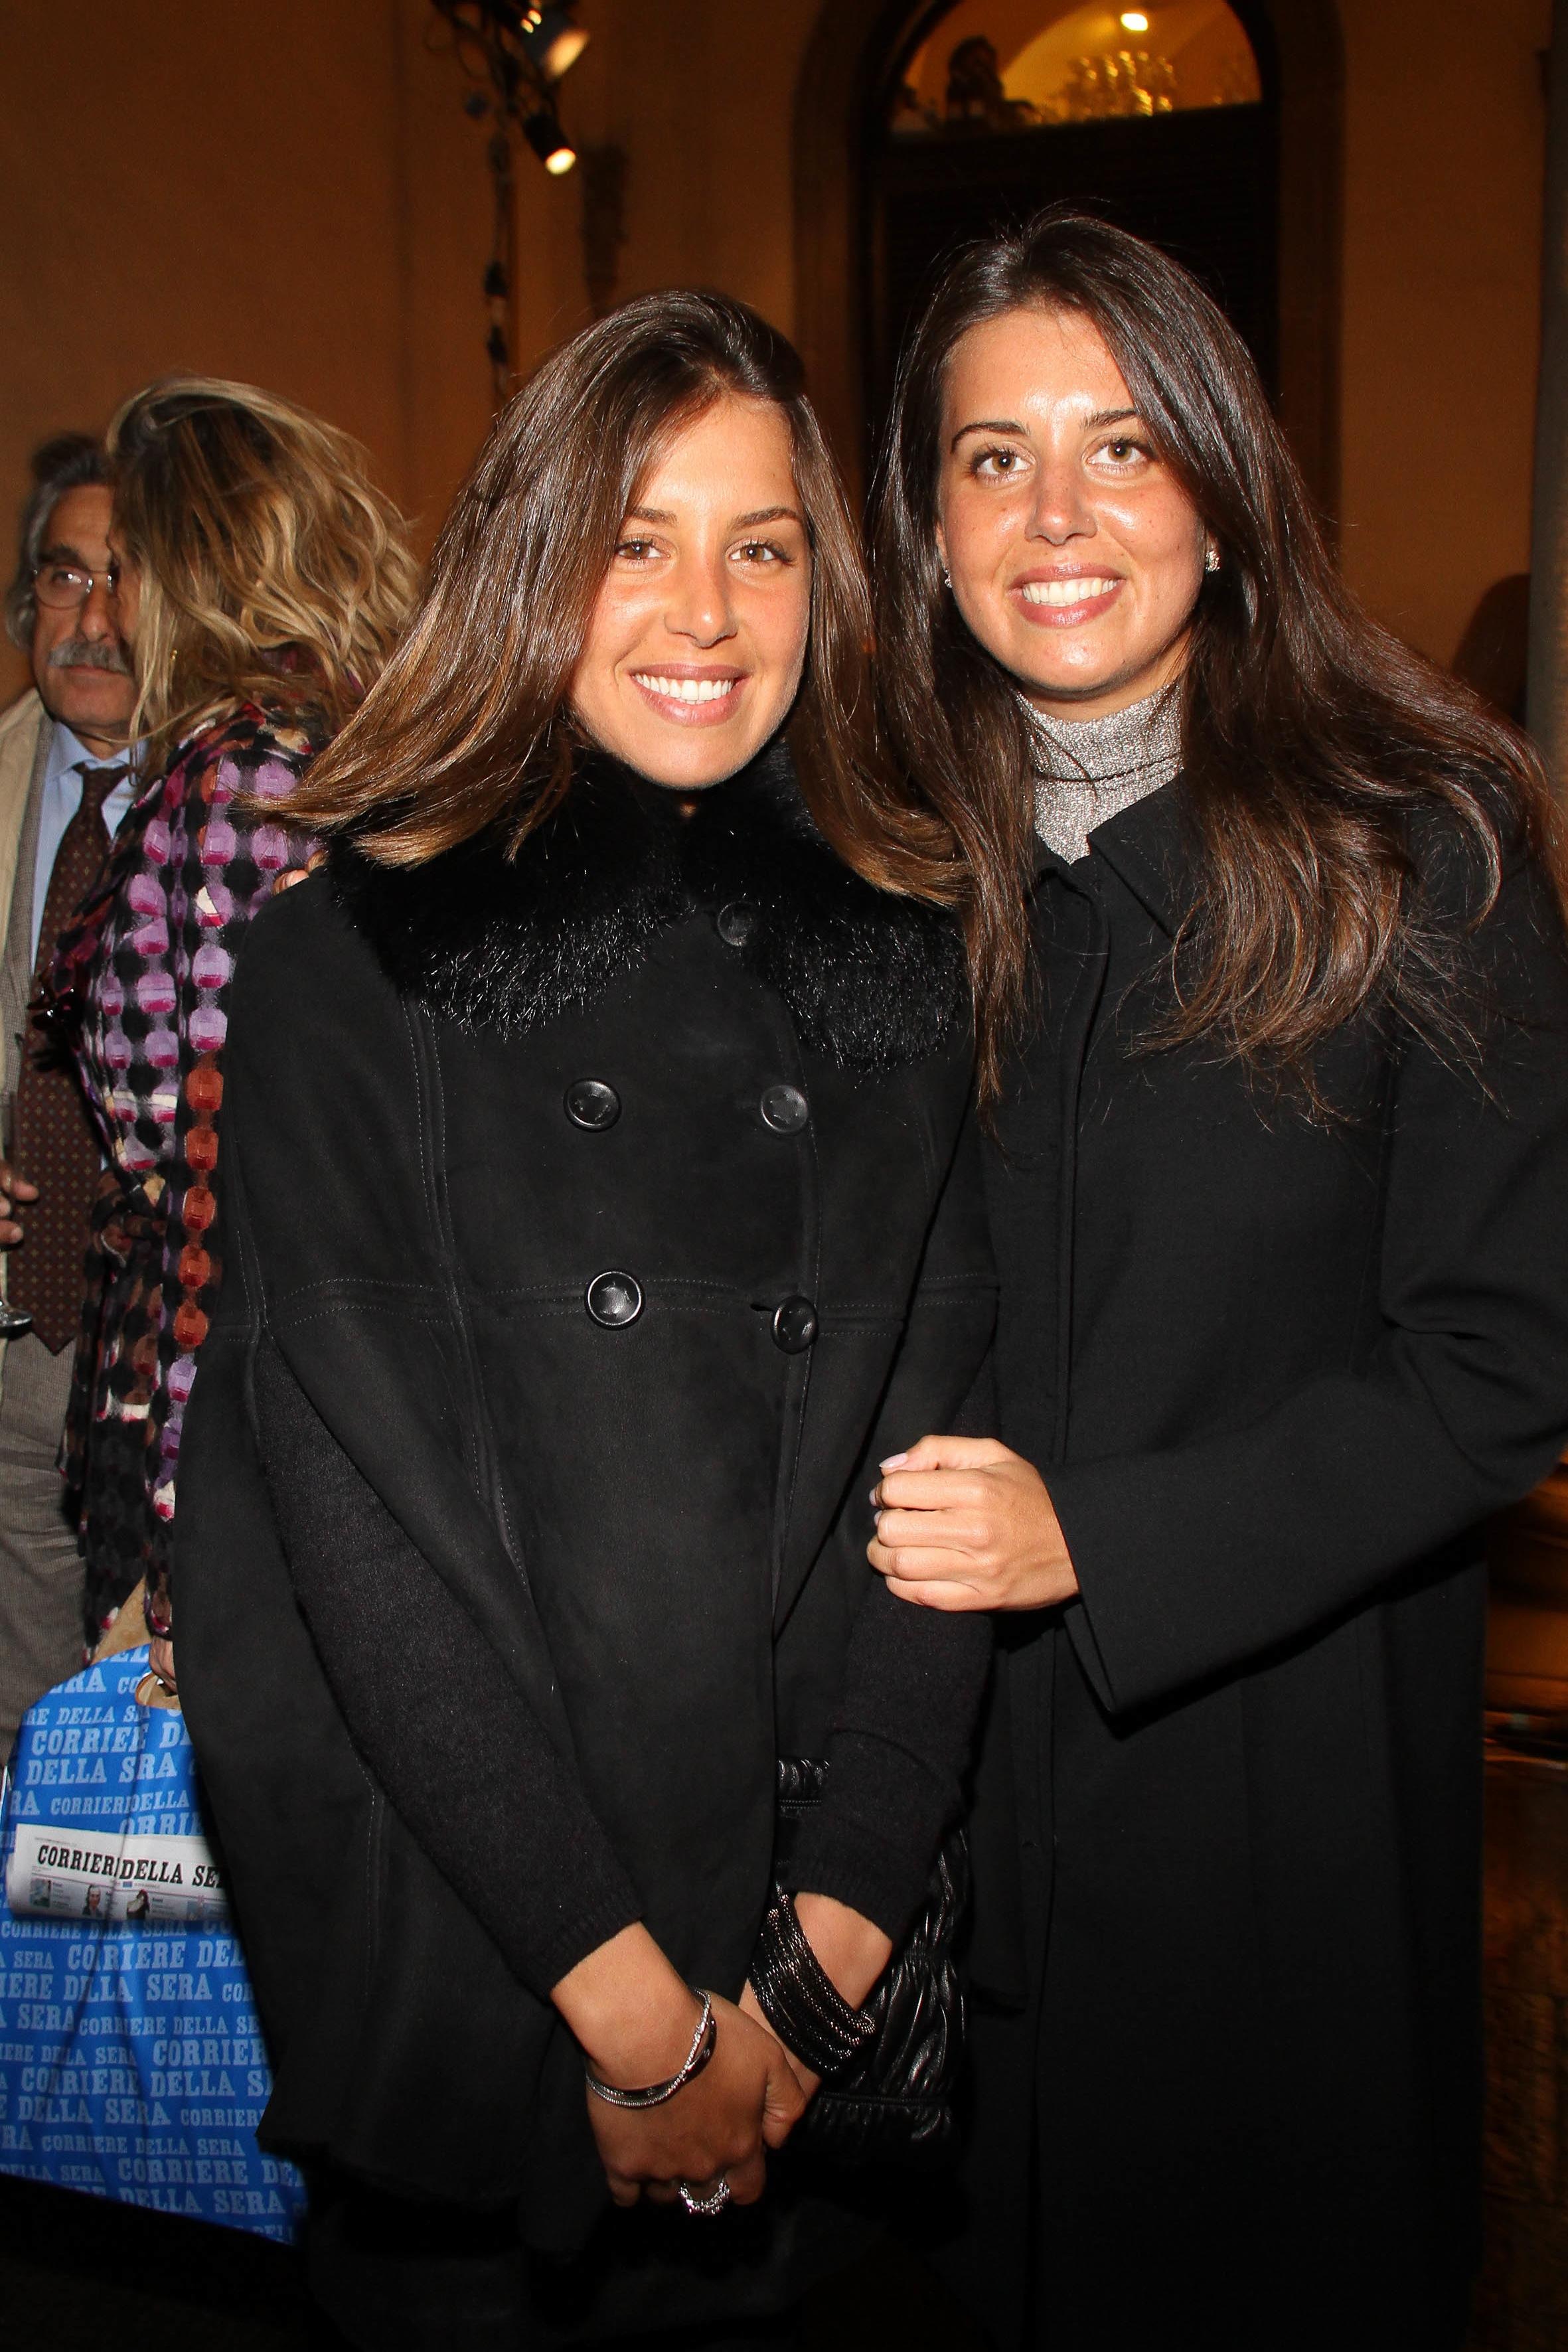 PRESSPHOTO  Firenze, Palazzo Antinori, festa Roy Rogers. Nella foto Giulia e Vittoria Corsi